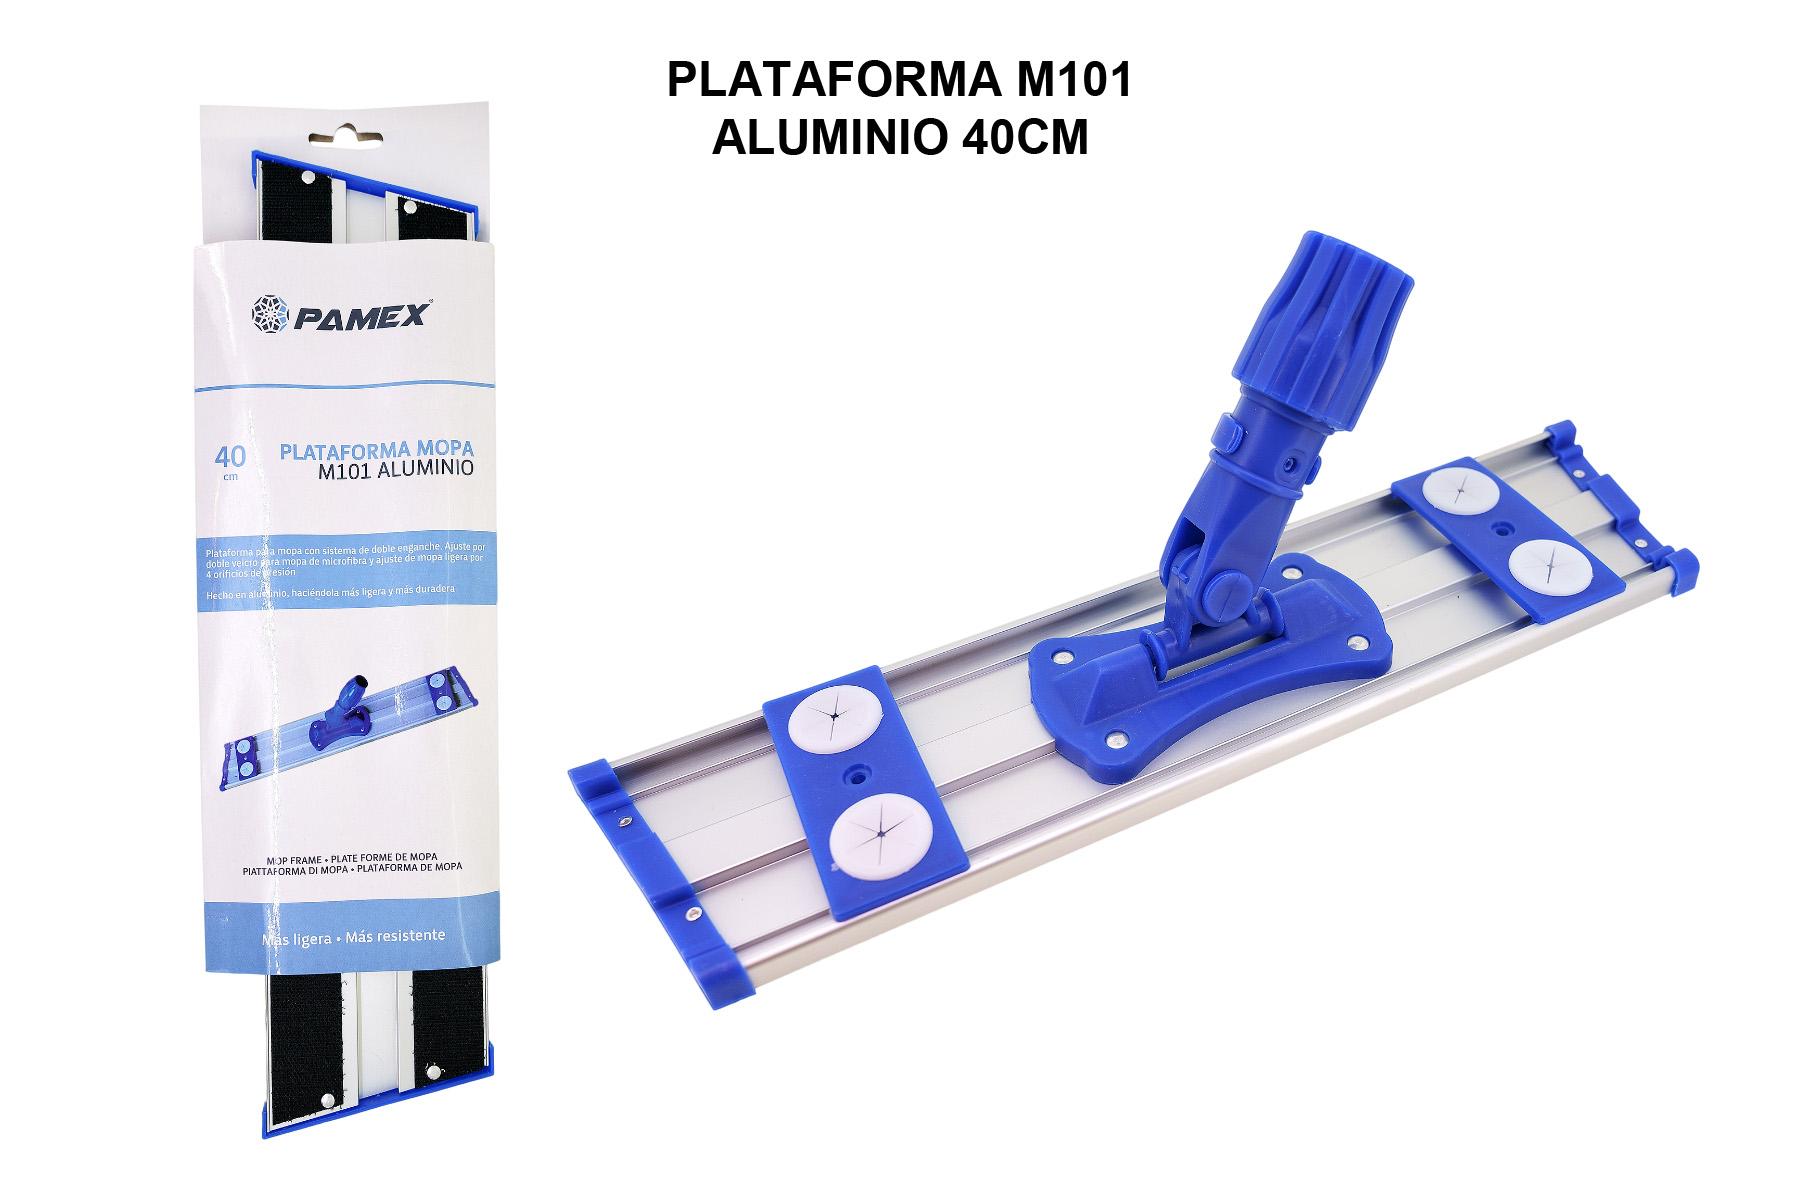 PLATAFORMA M101 ALUMINIO 40CM